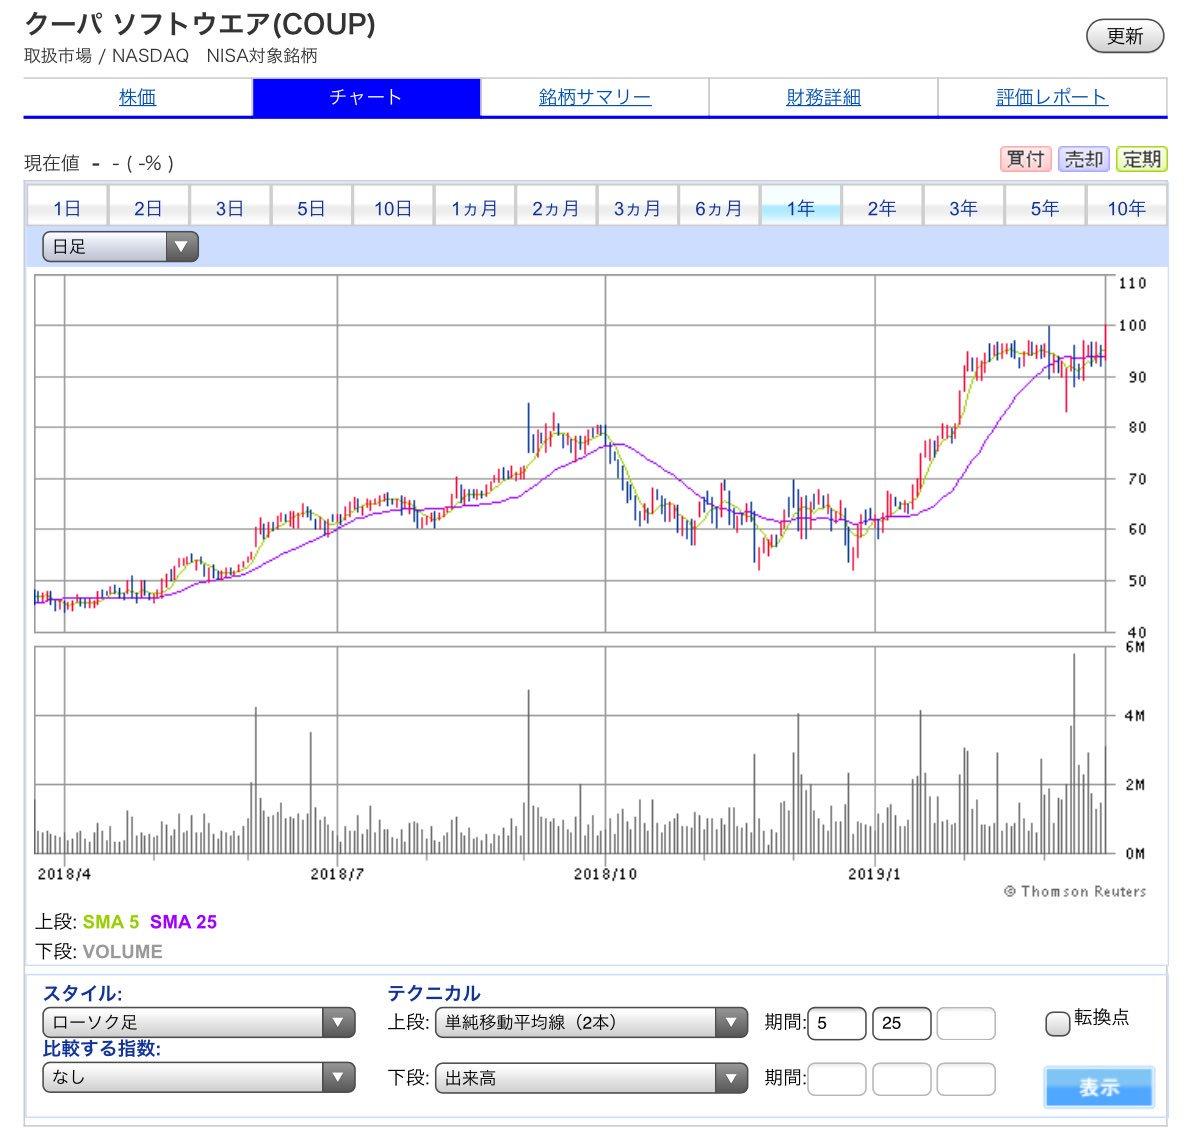 ソフトウェア 株価 クーパ